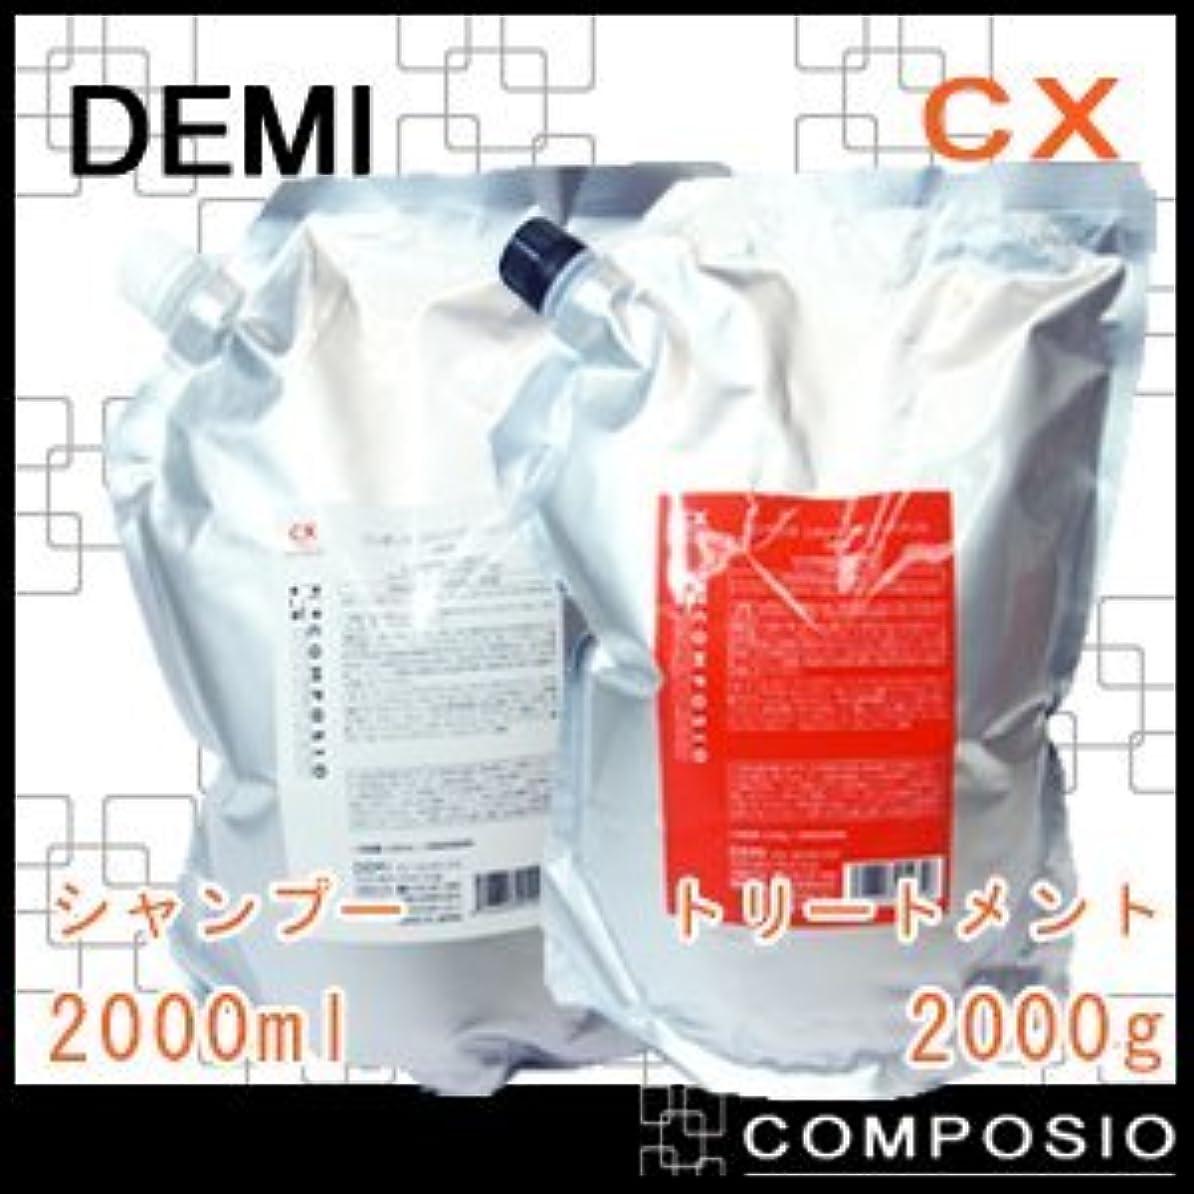 カウンタ許さないパックデミ コンポジオ CXリペアシャンプー&トリートメント 詰め替え 2000ml,2000g